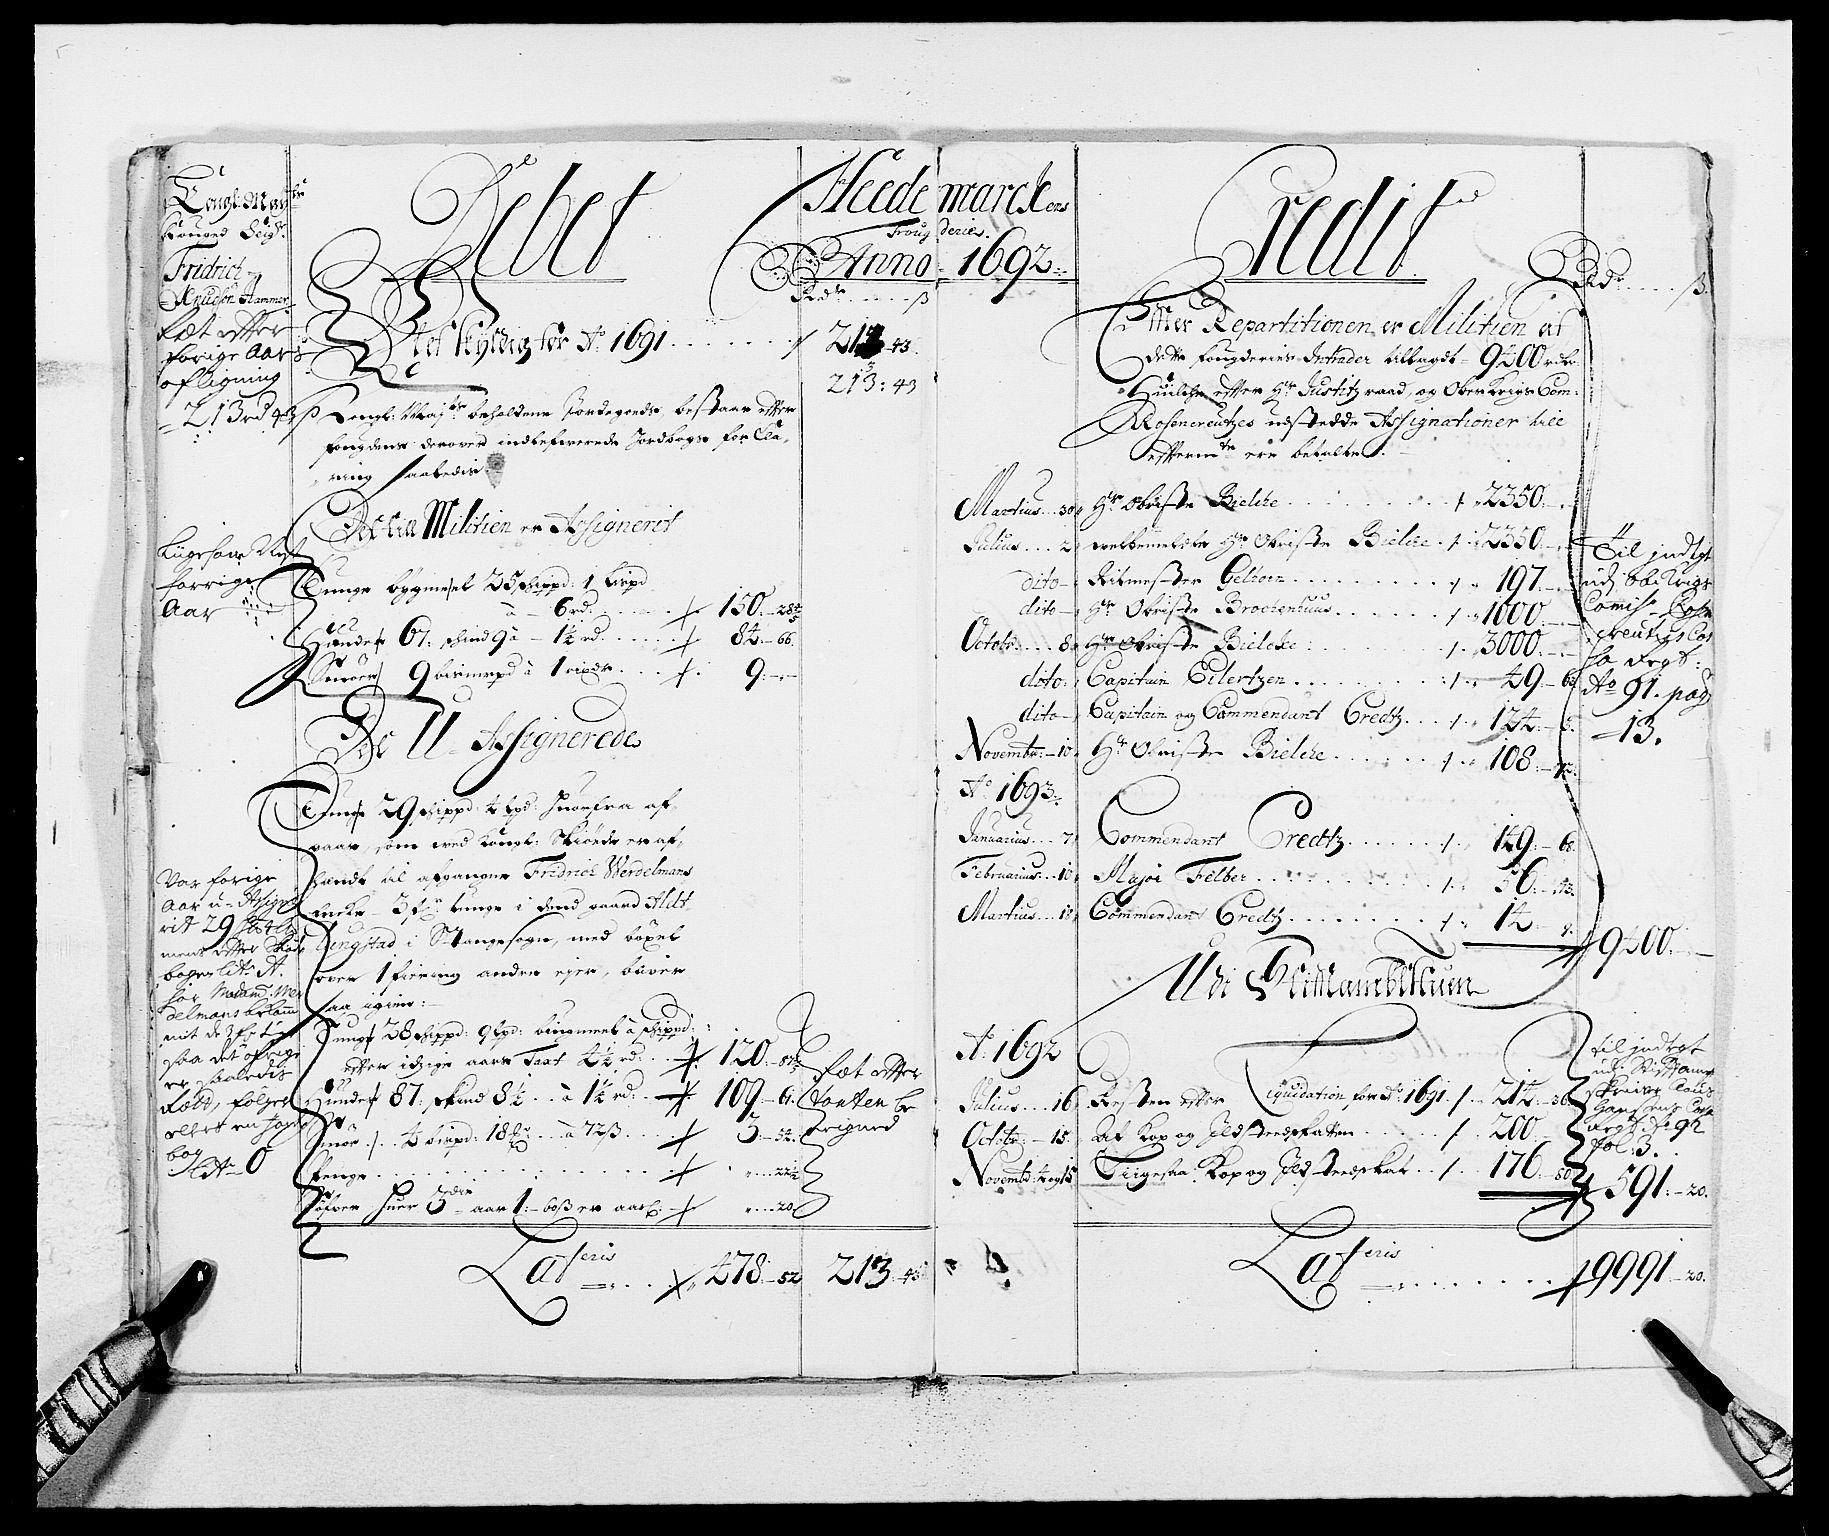 RA, Rentekammeret inntil 1814, Reviderte regnskaper, Fogderegnskap, R16/L1030: Fogderegnskap Hedmark, 1689-1691, s. 22